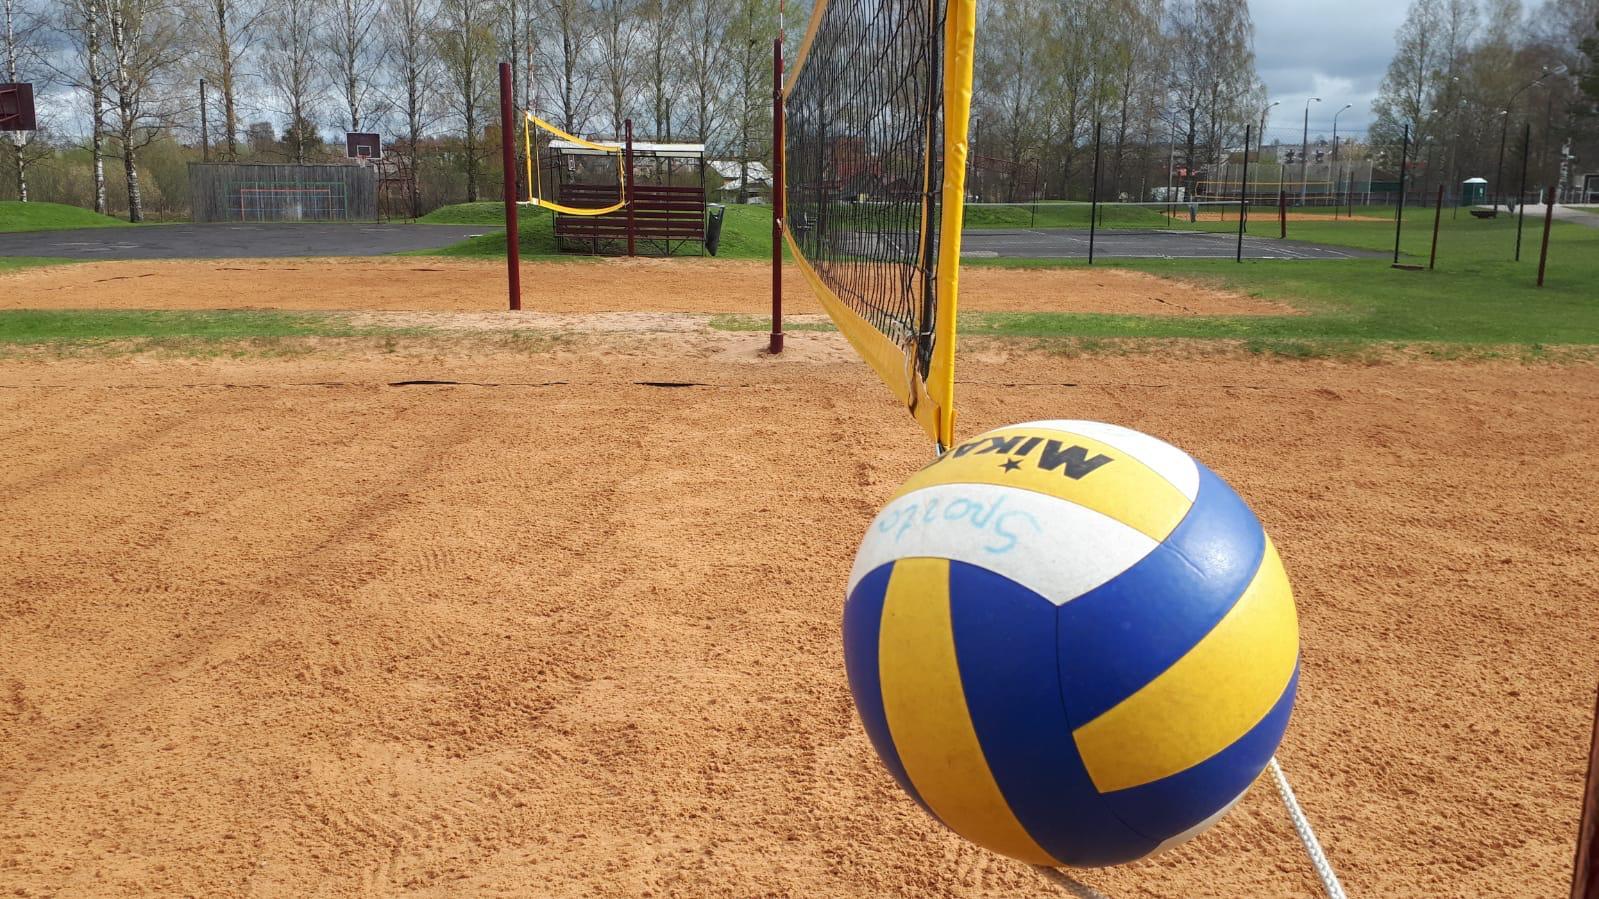 Jau šajā nedēļas nogalē startēs Atzeles pludmales volejbols